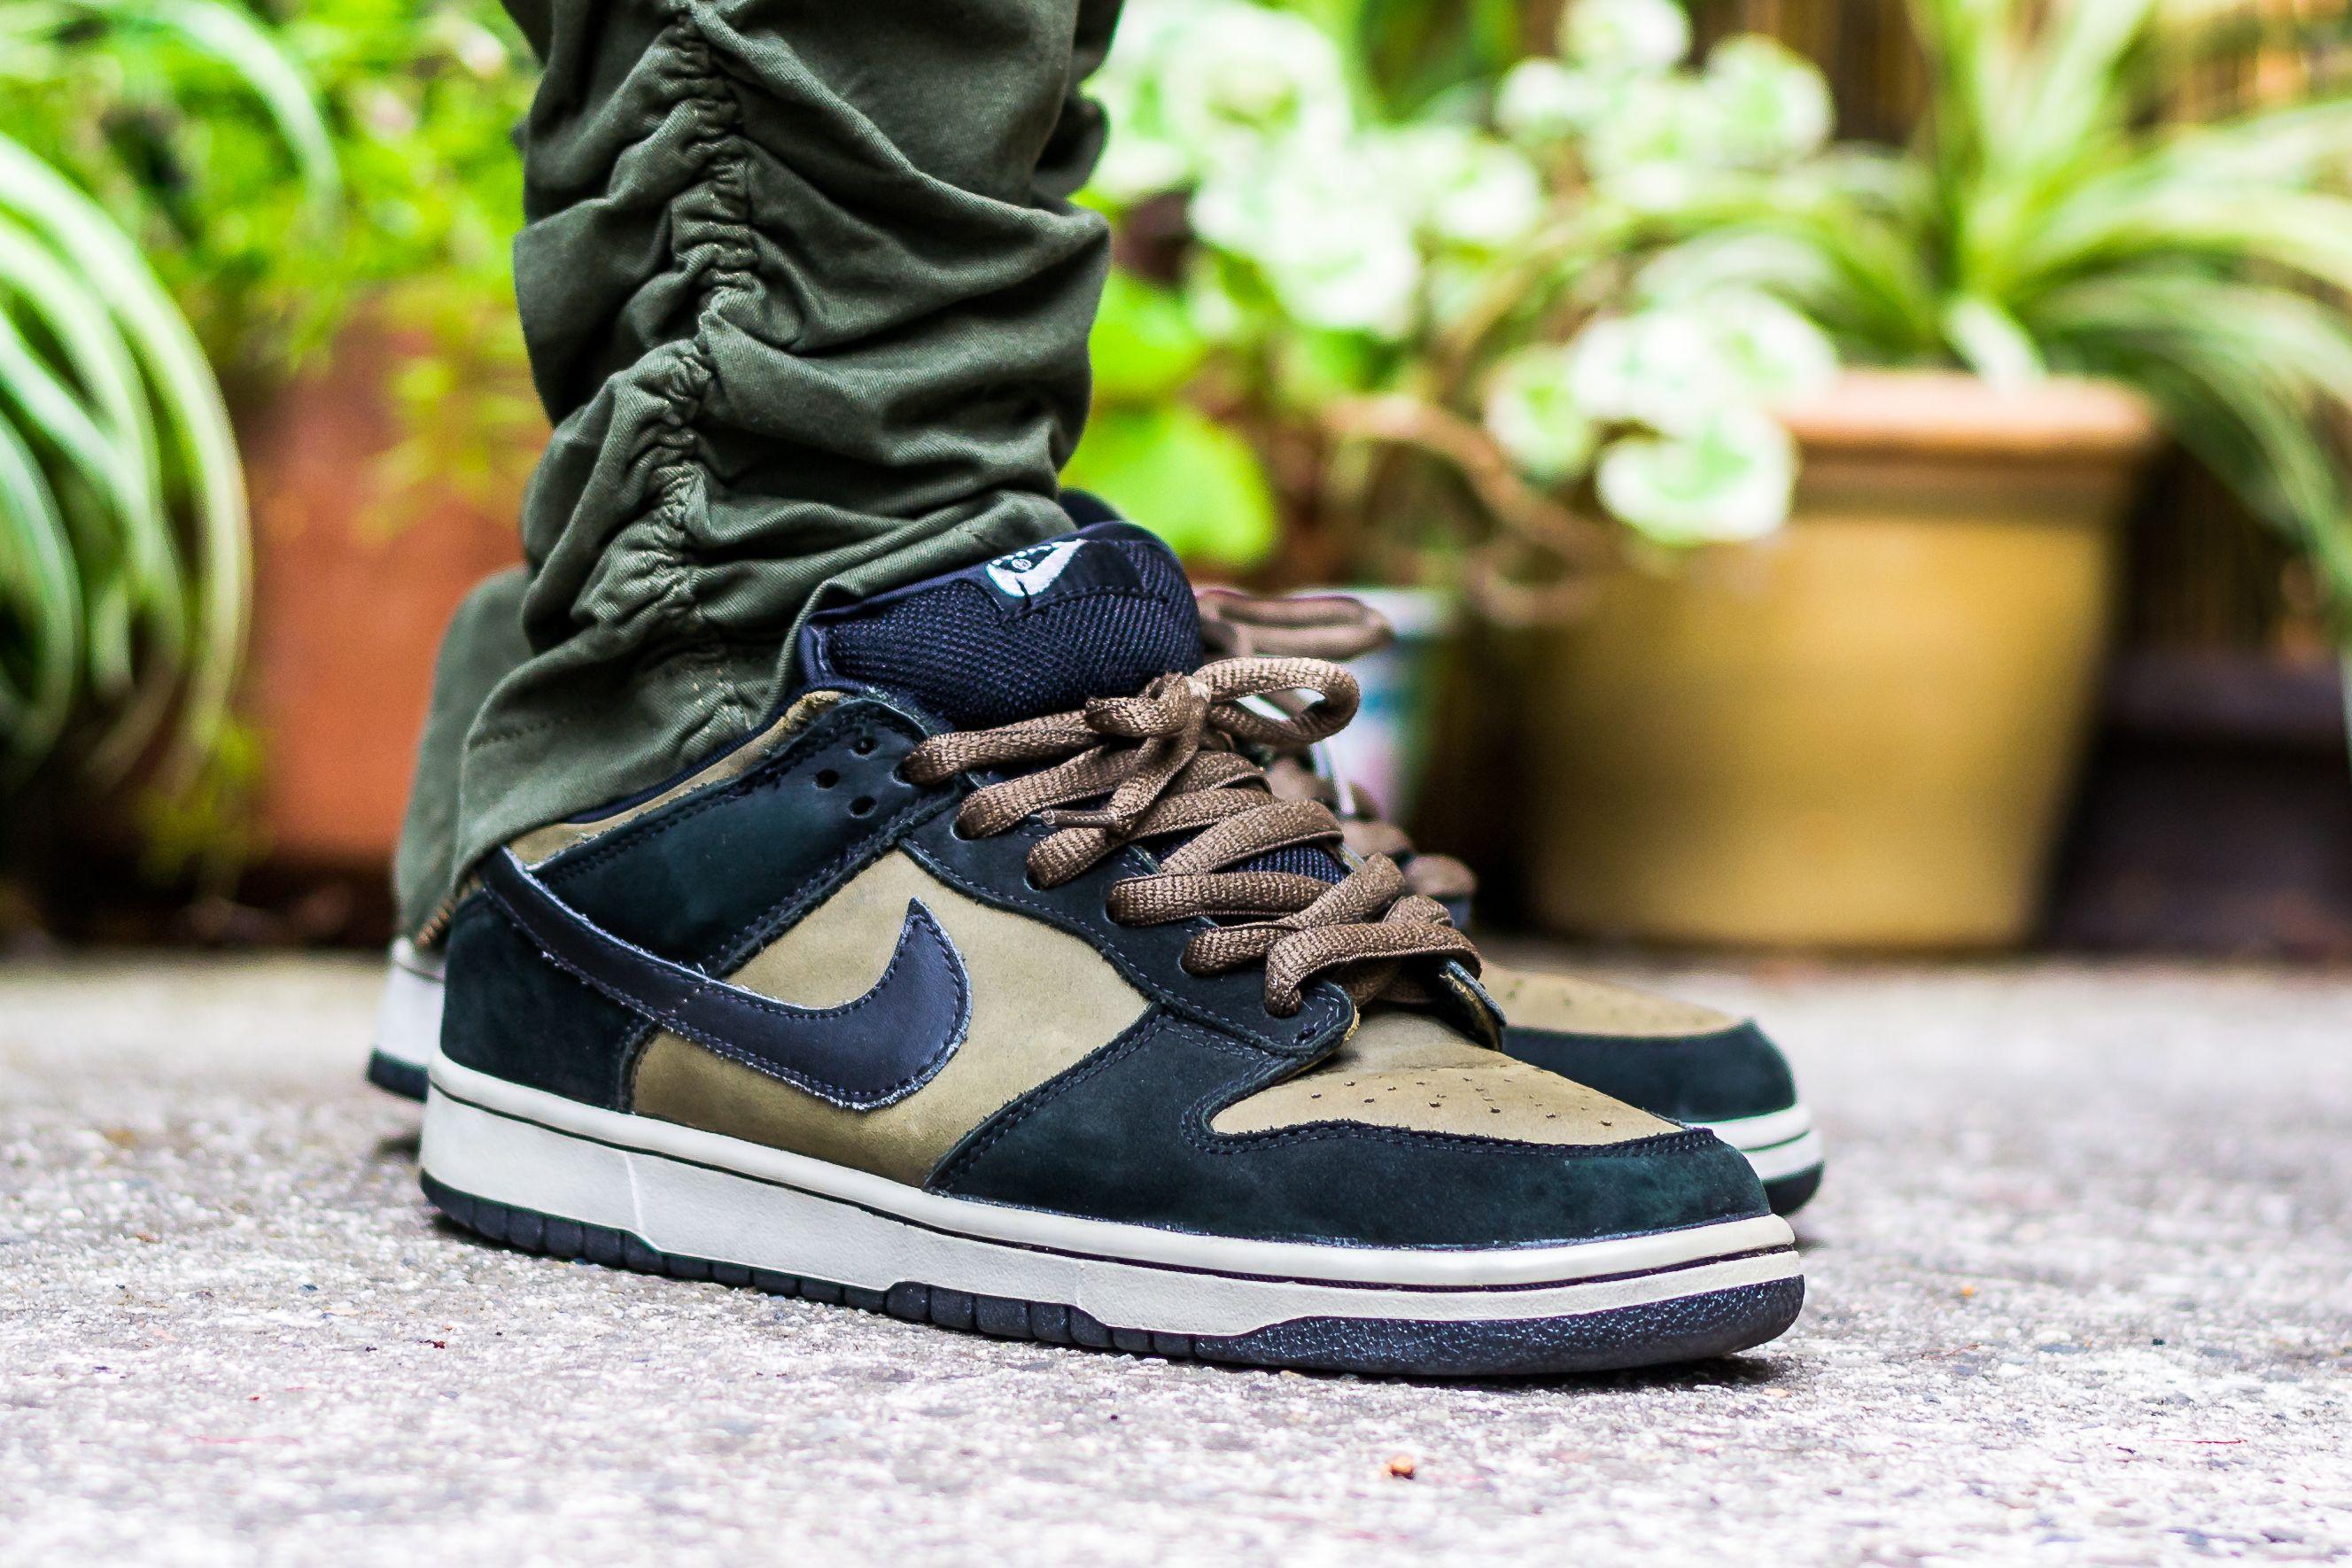 Nike Dunk Low SB Loden On Feet Sneaker